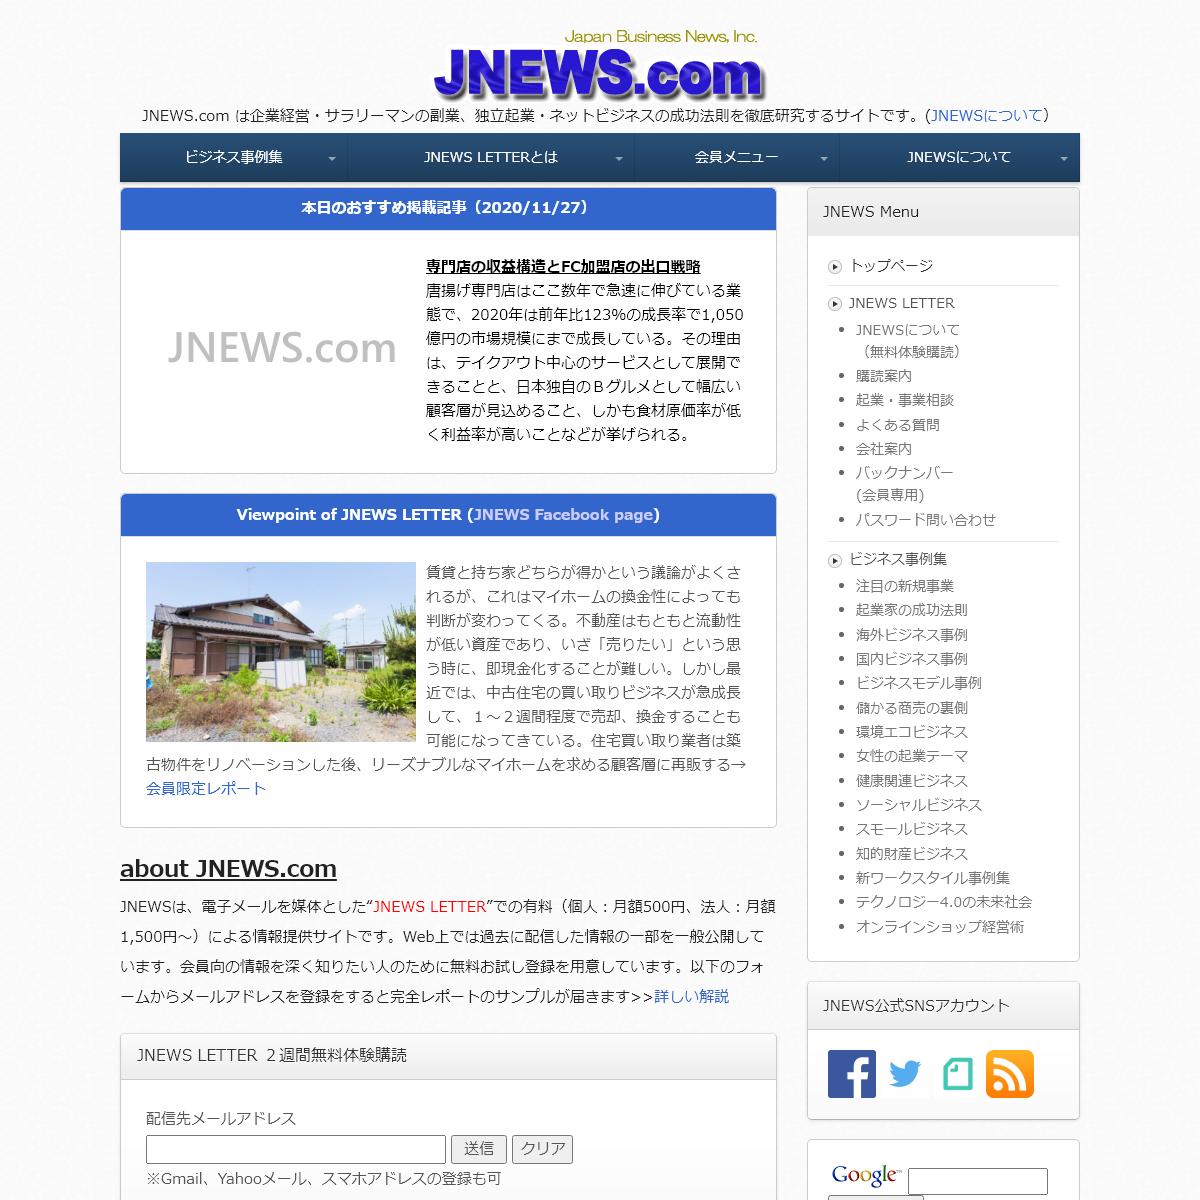 [独立起業]ジャパン・ビジネス・ニュース(JNEWS)